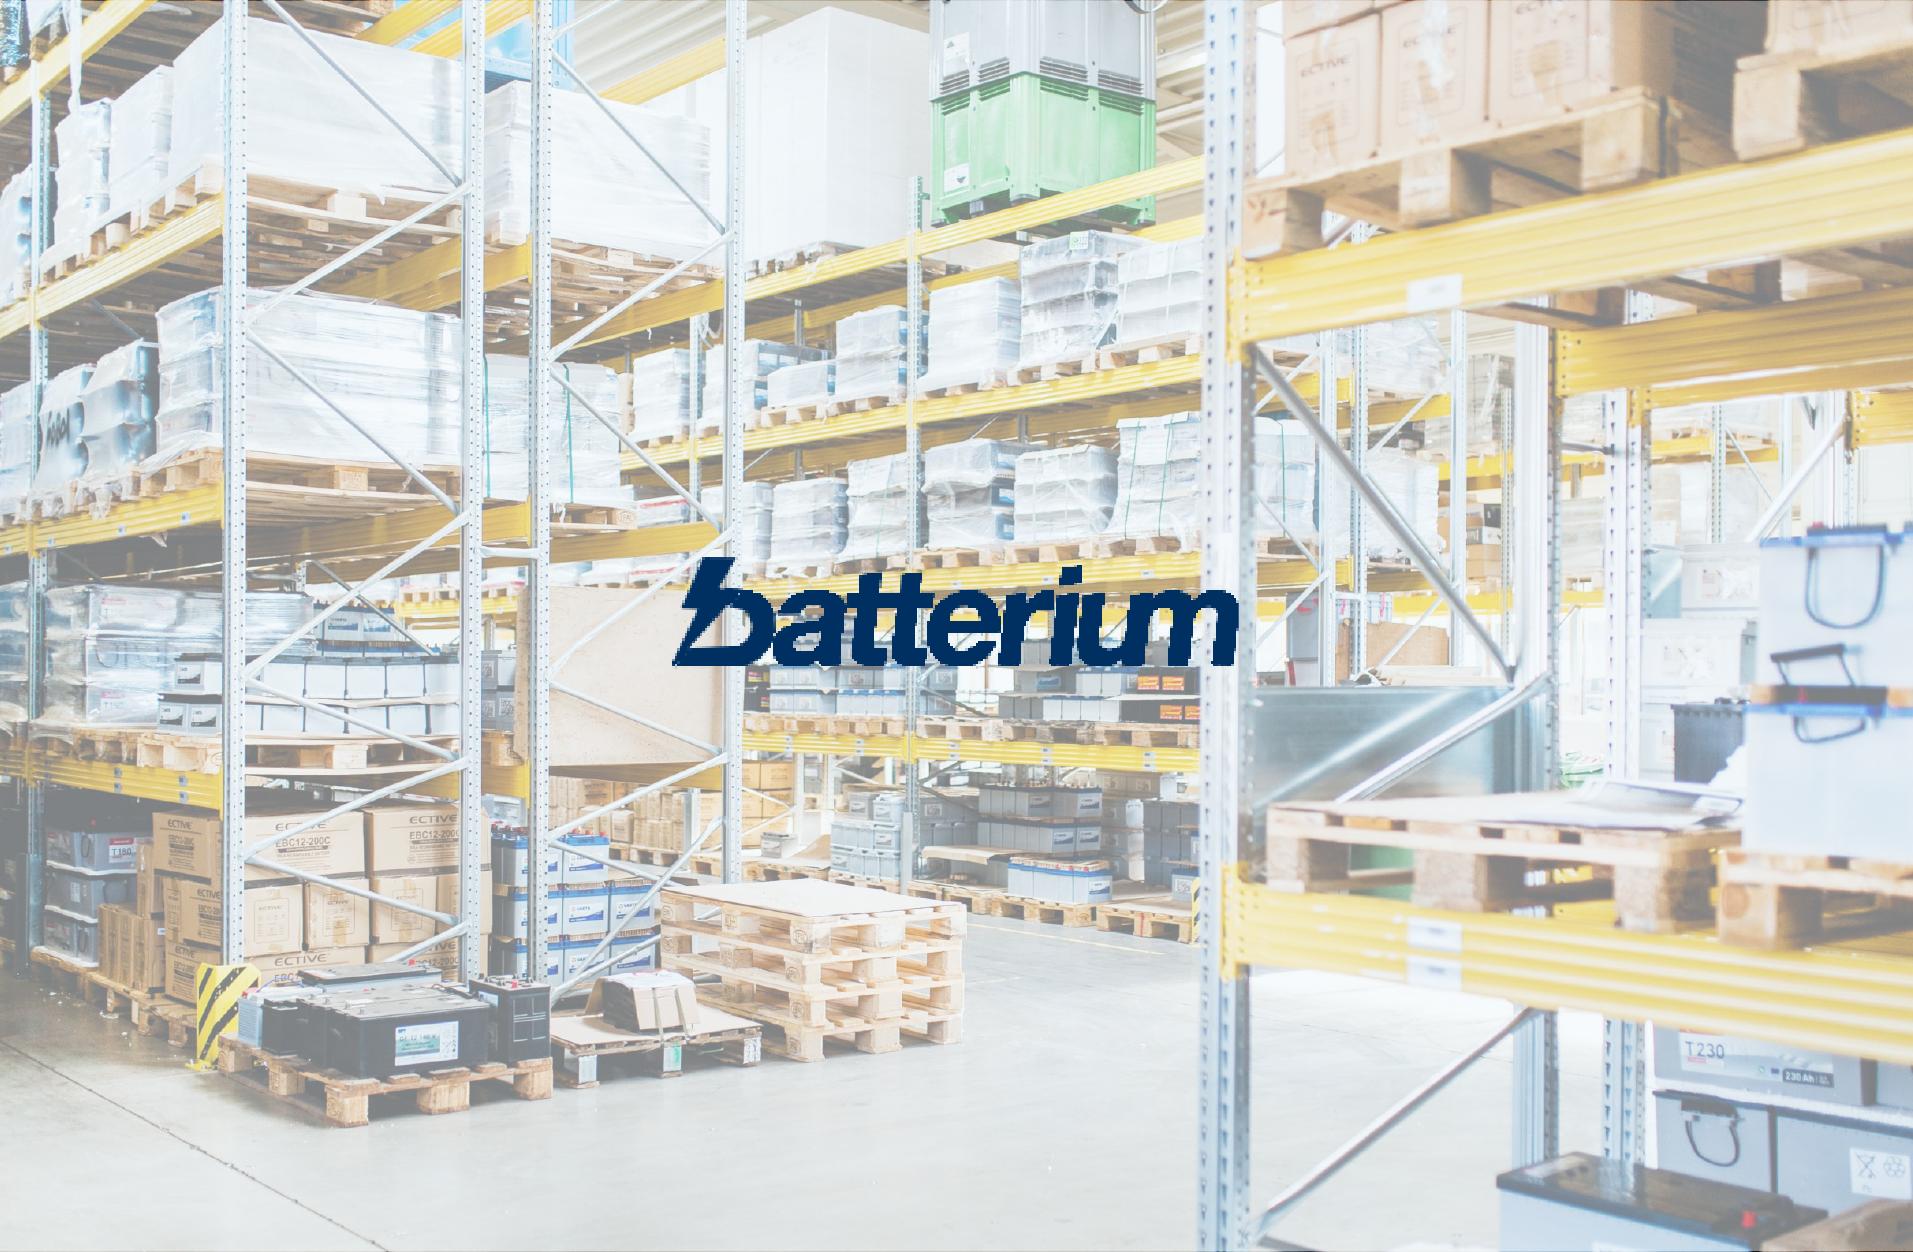 Logistik Schnittstelle Kunde batterium